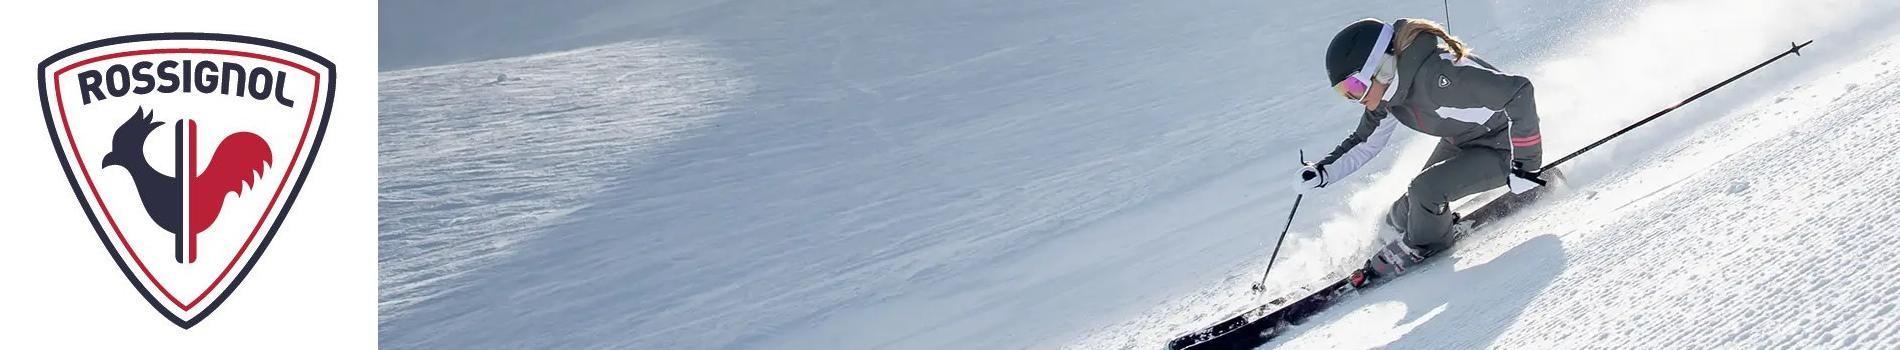 Rossignol Ski Company